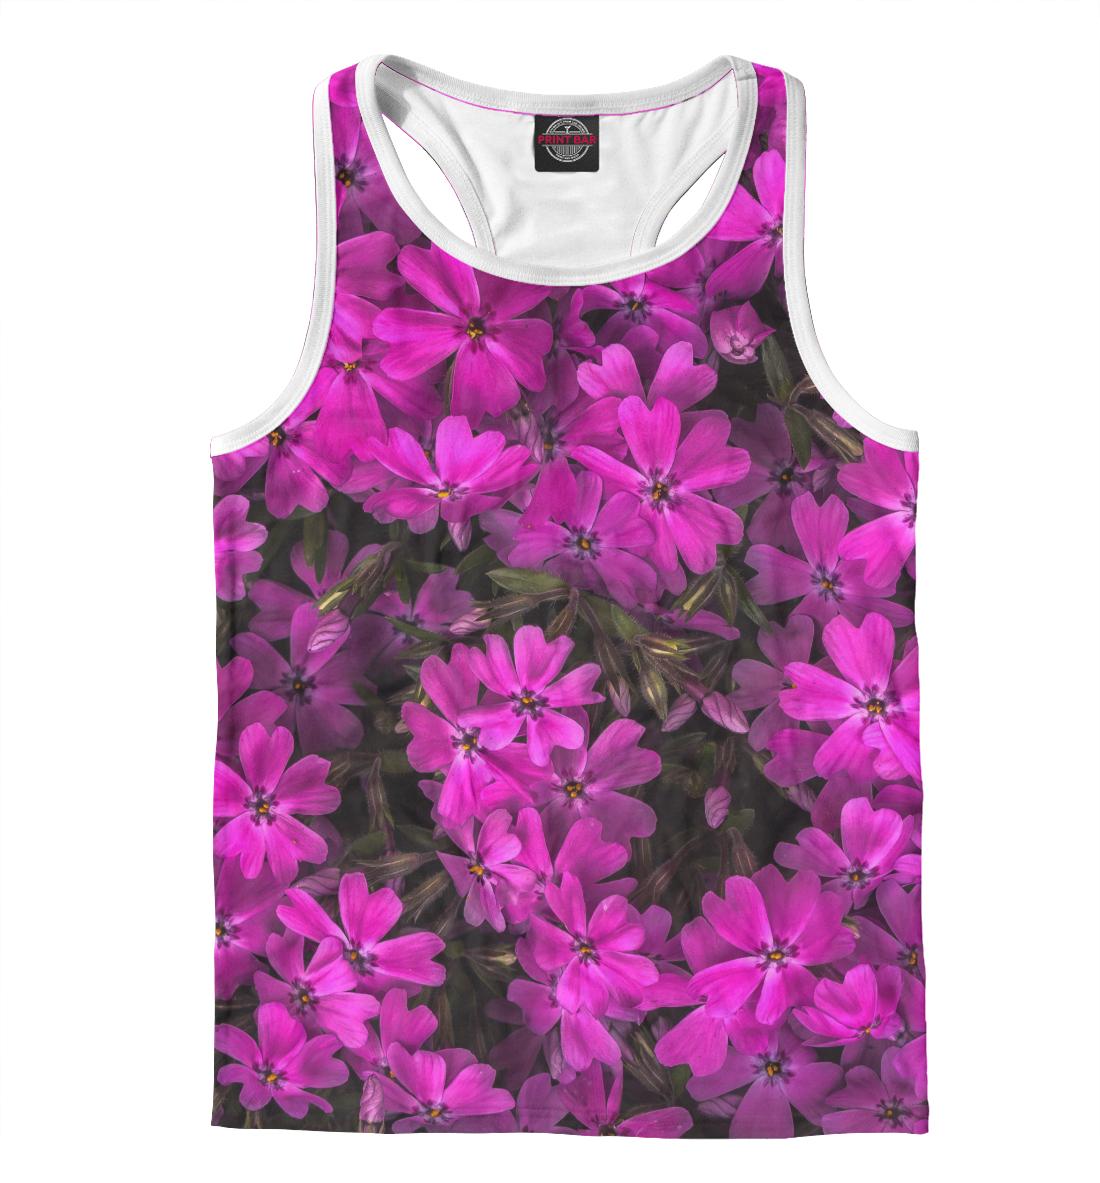 Купить Розовые цветочки, Printbar, Майки борцовки, CVE-122144-mayb-2